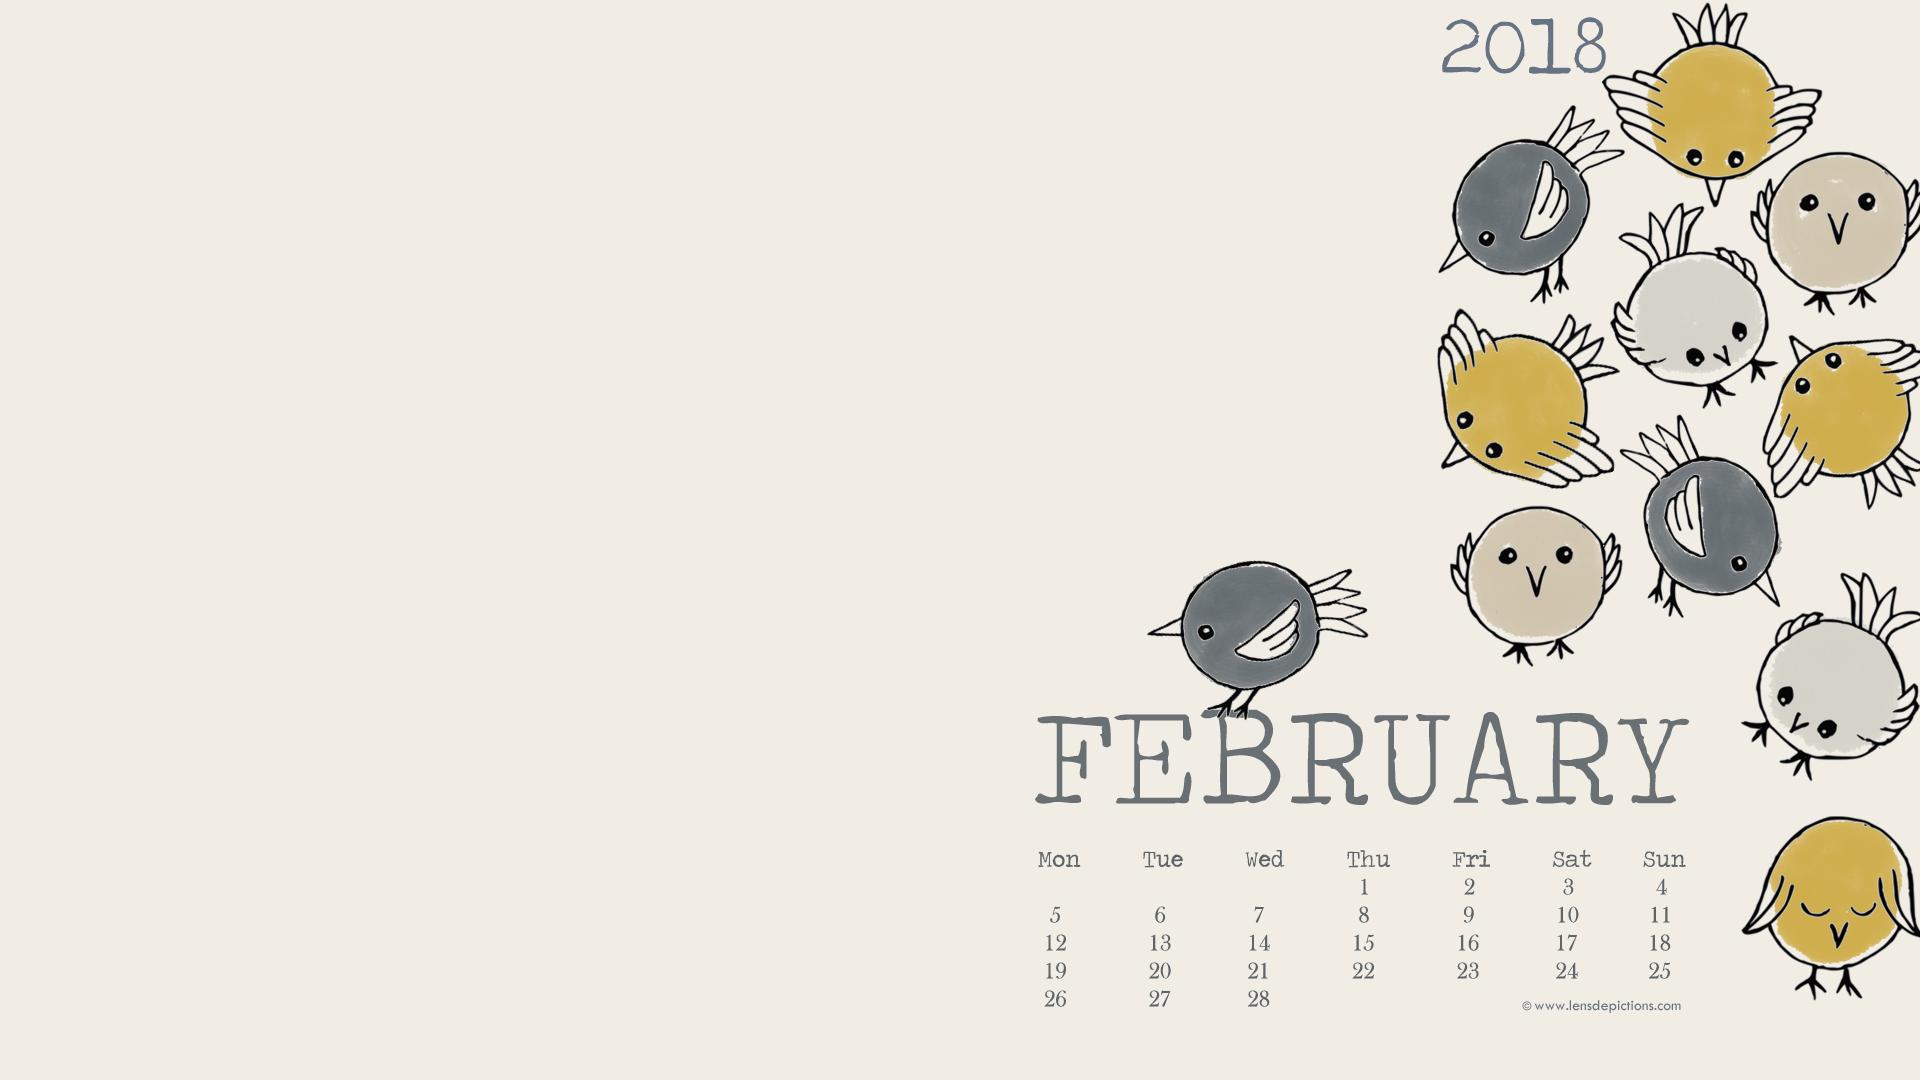 Feb 2018 Desktop Calendar Wallpaper